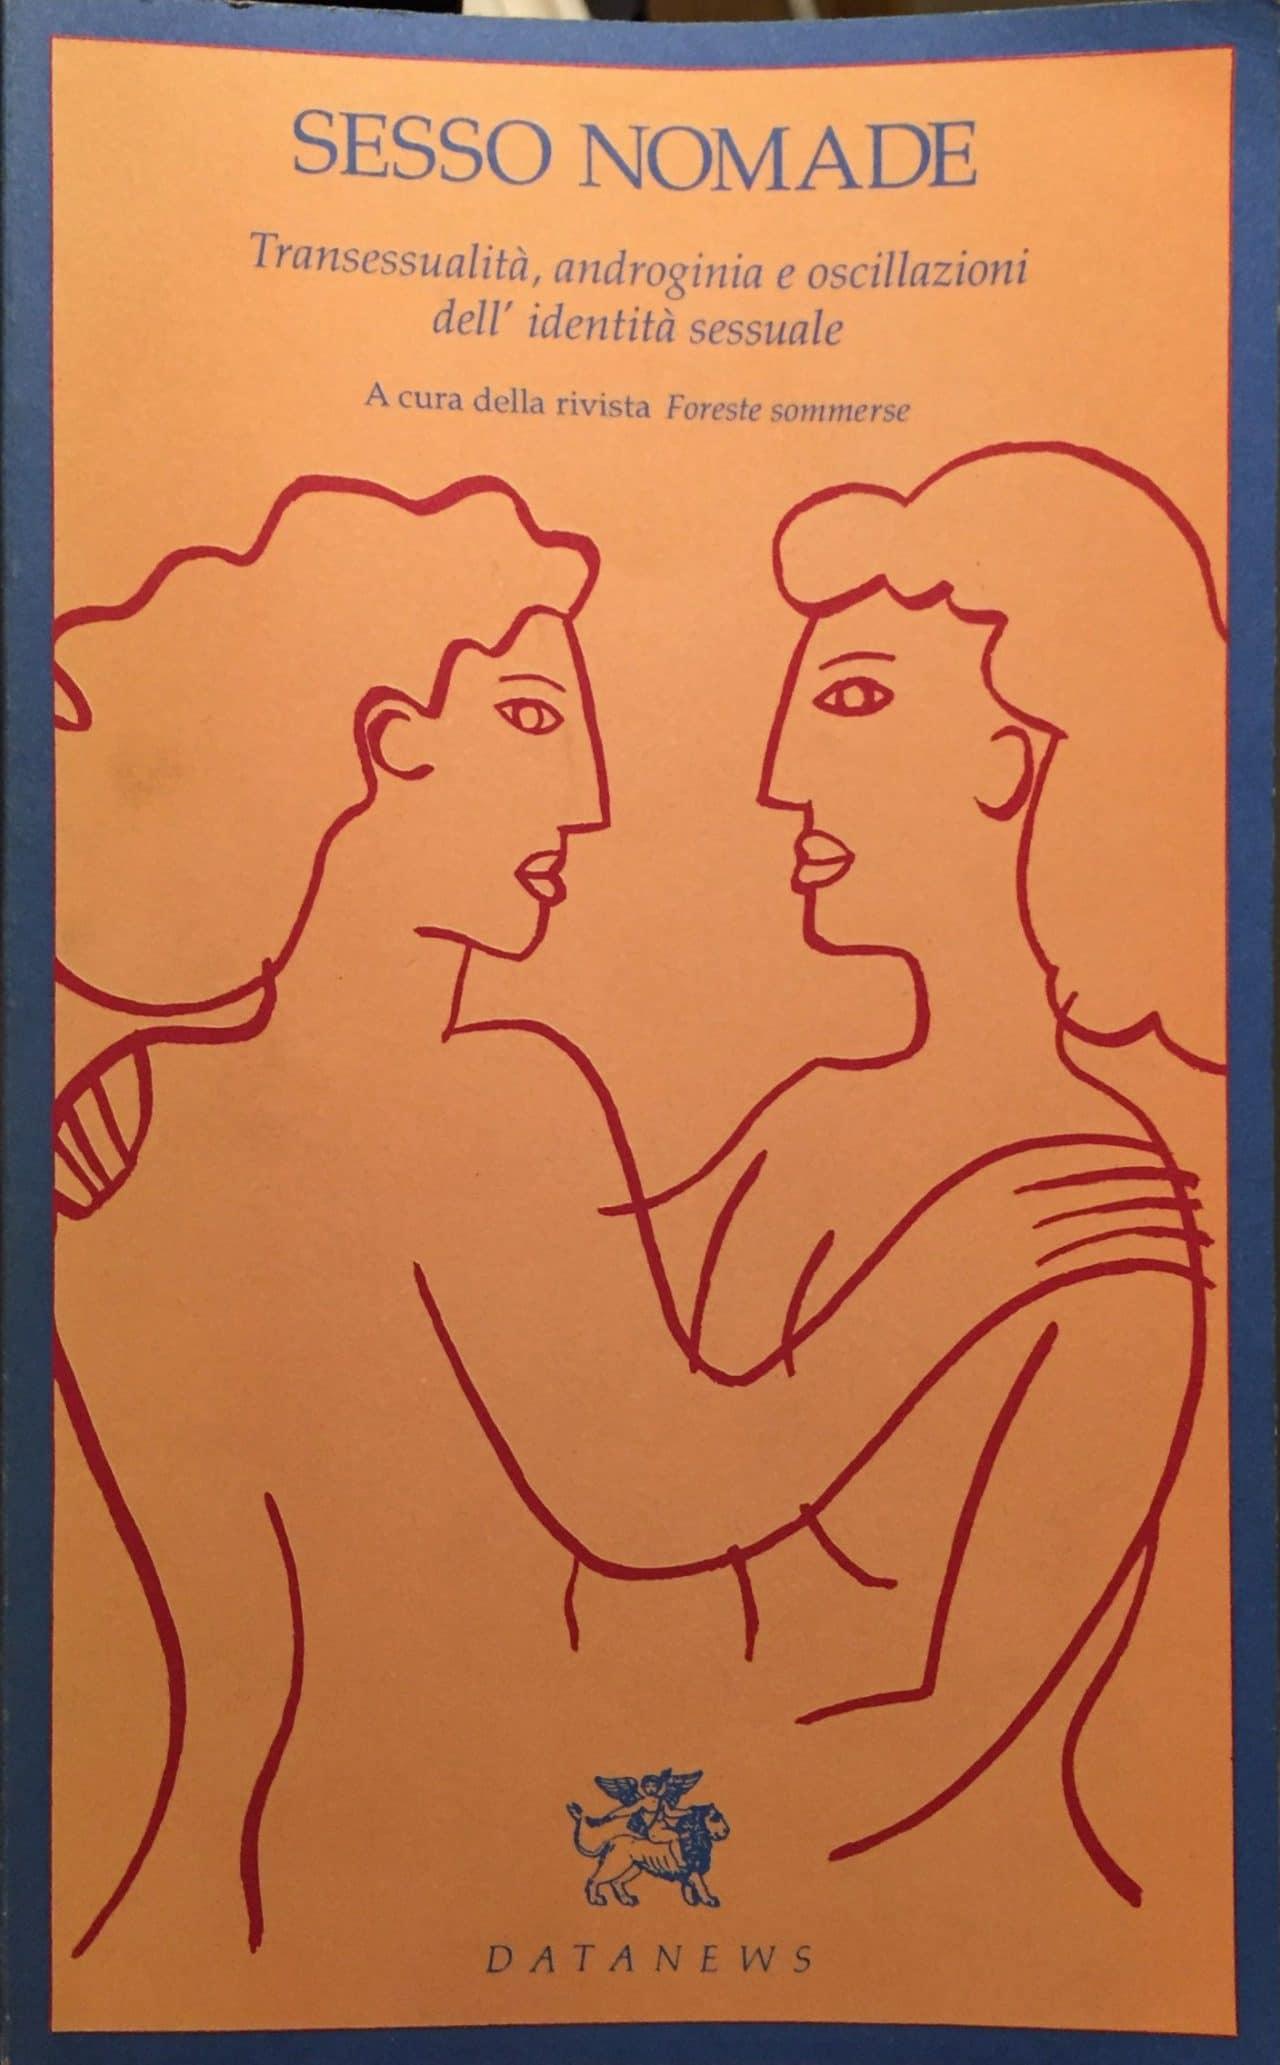 SESSO NOMADE Transessualità, Androginia E Oscillazioni Dell'identità Sessuale